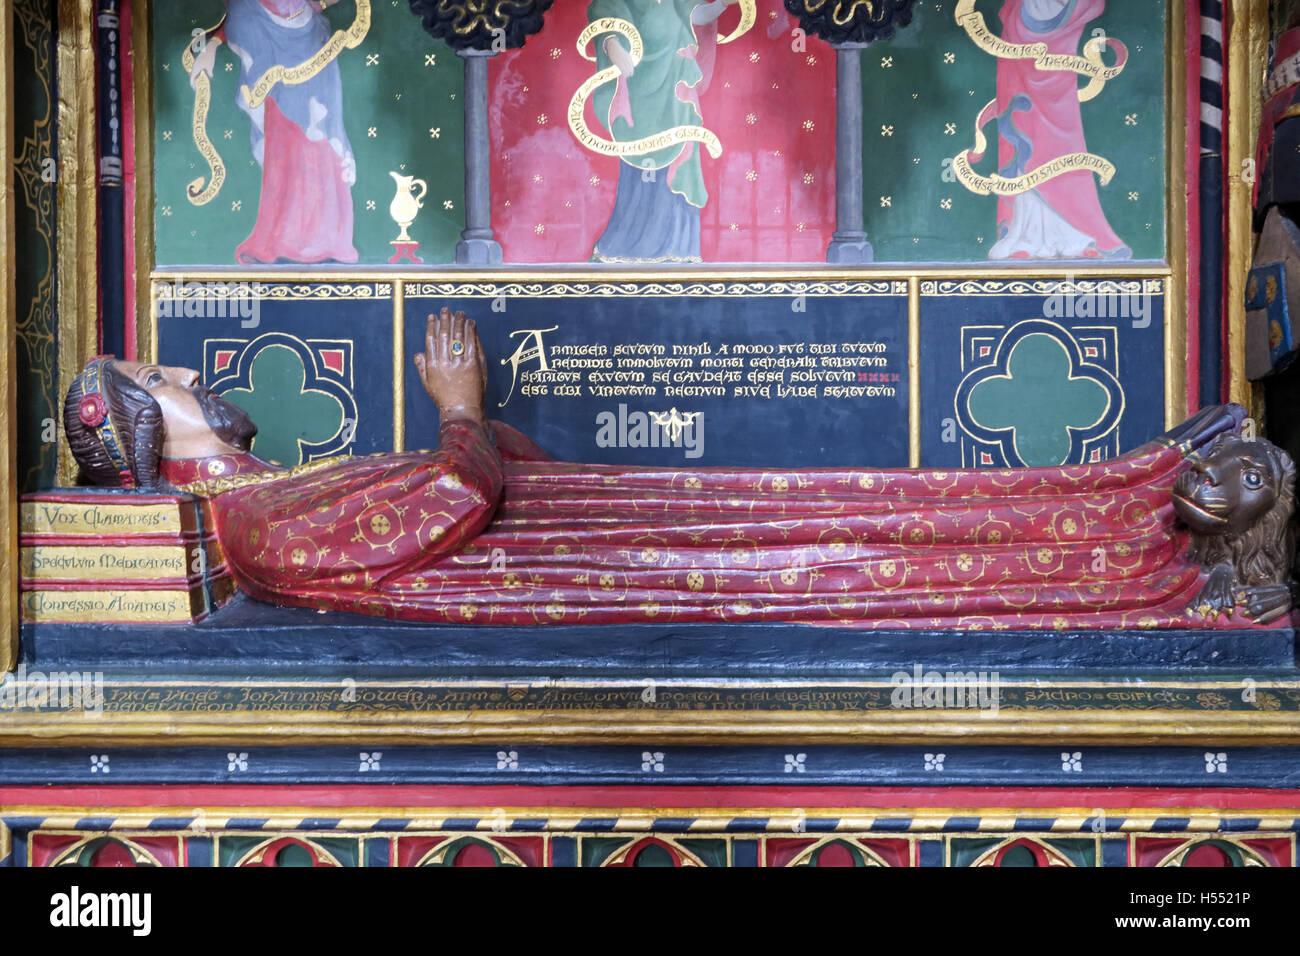 Laden Sie dieses Alamy Stockfoto Grab von John Gower, Southwark Cathedral, London, England, UK - Detail der Statue - H5521P